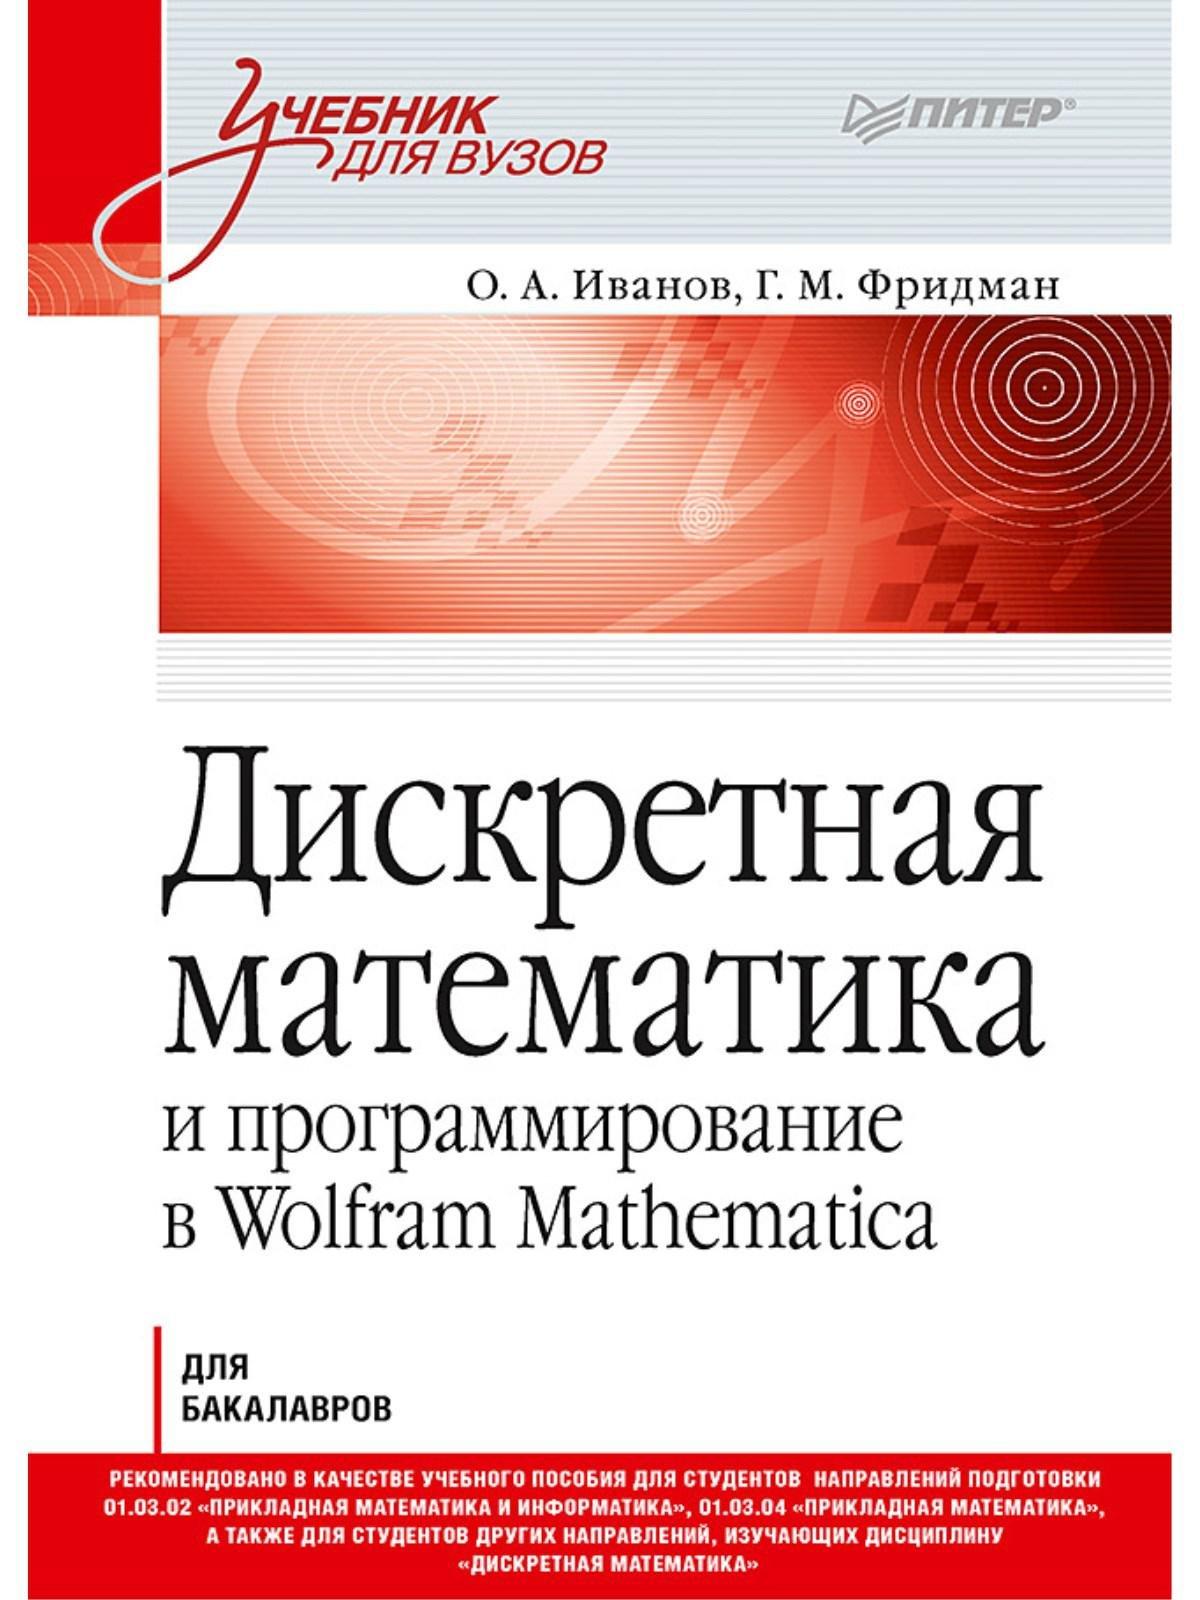 Иванов О А Дискретная математика. Учебник для вузов и программирование в Wolfram Mathematica белоусов а ткачев с дискретная математика учебник для вузов